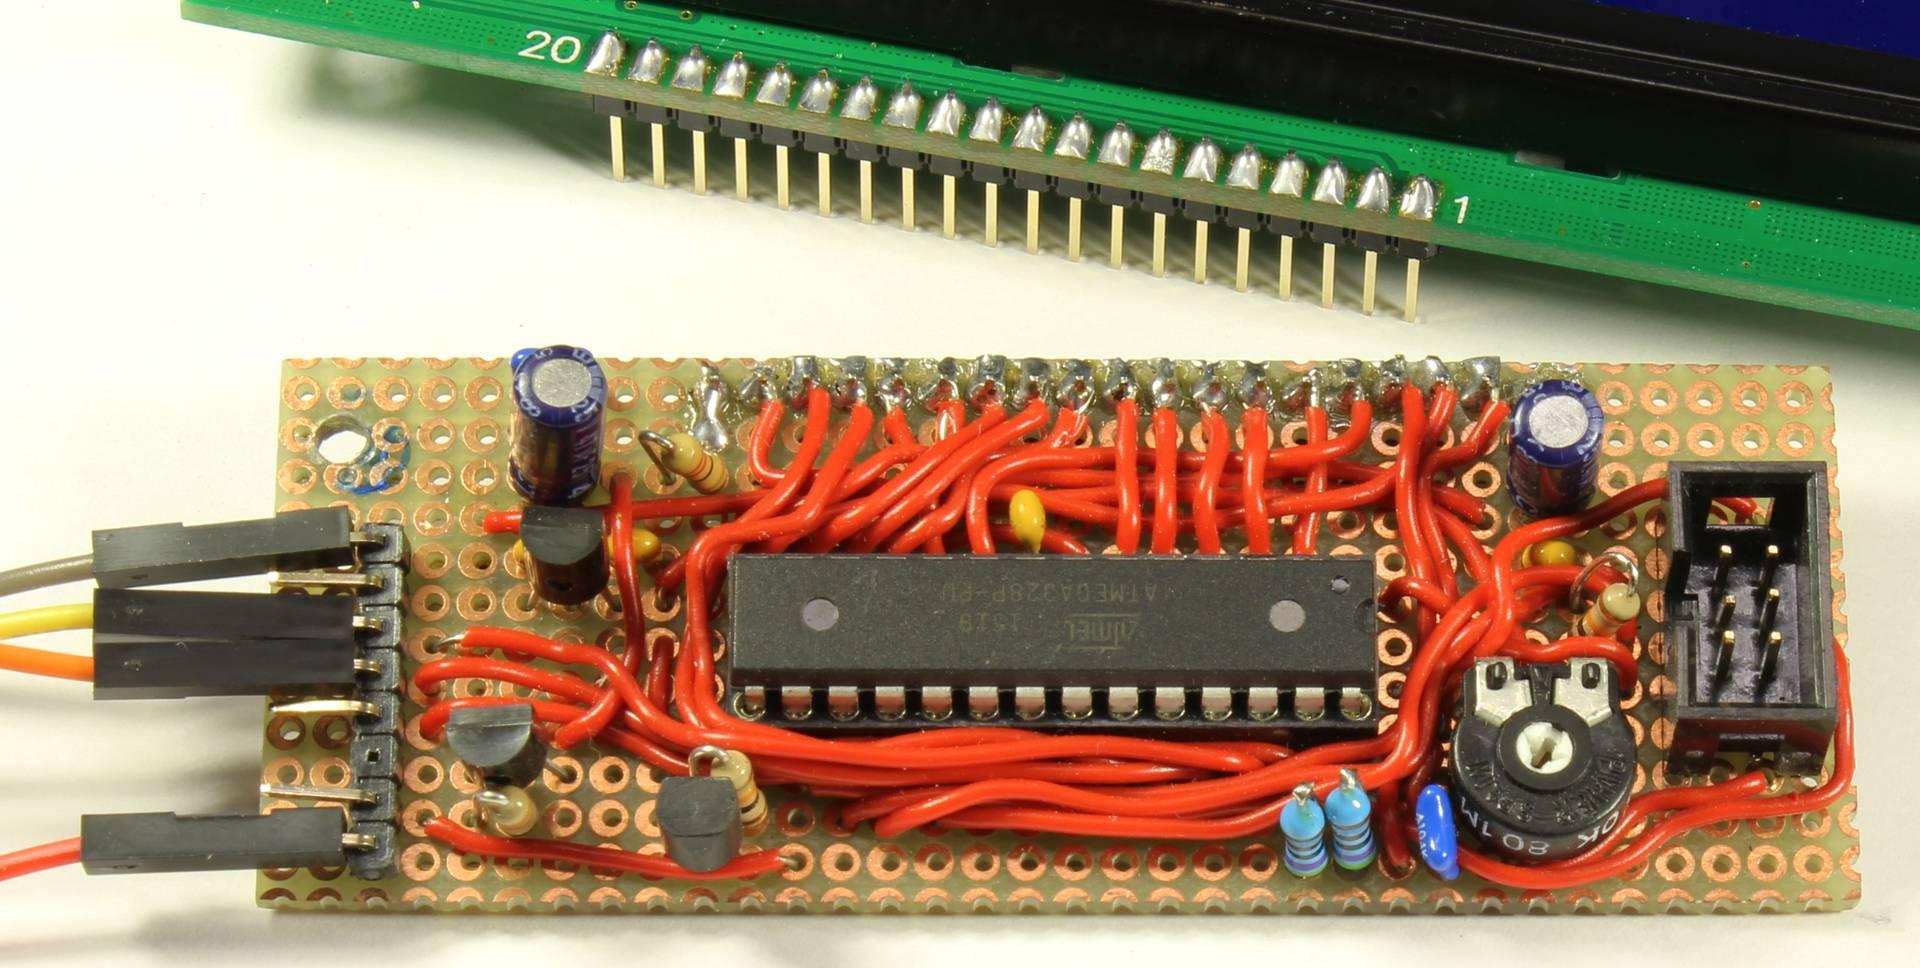 Prototyp auf einer Lochraster-Platine